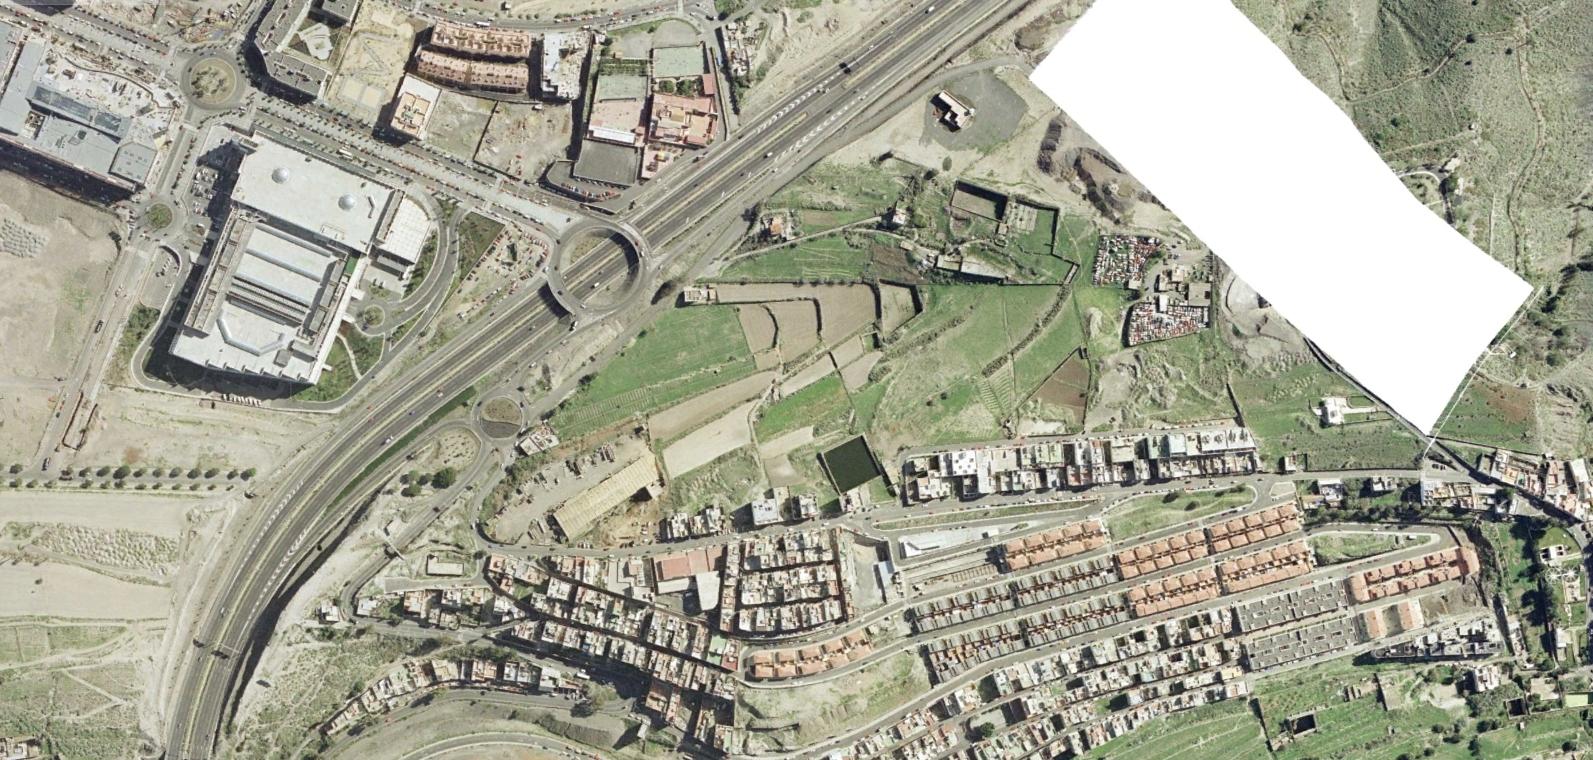 almatriche, las palmas, trichesoul, antes, urbanismo, planeamiento, urbano, desastre, urbanístico, construcción